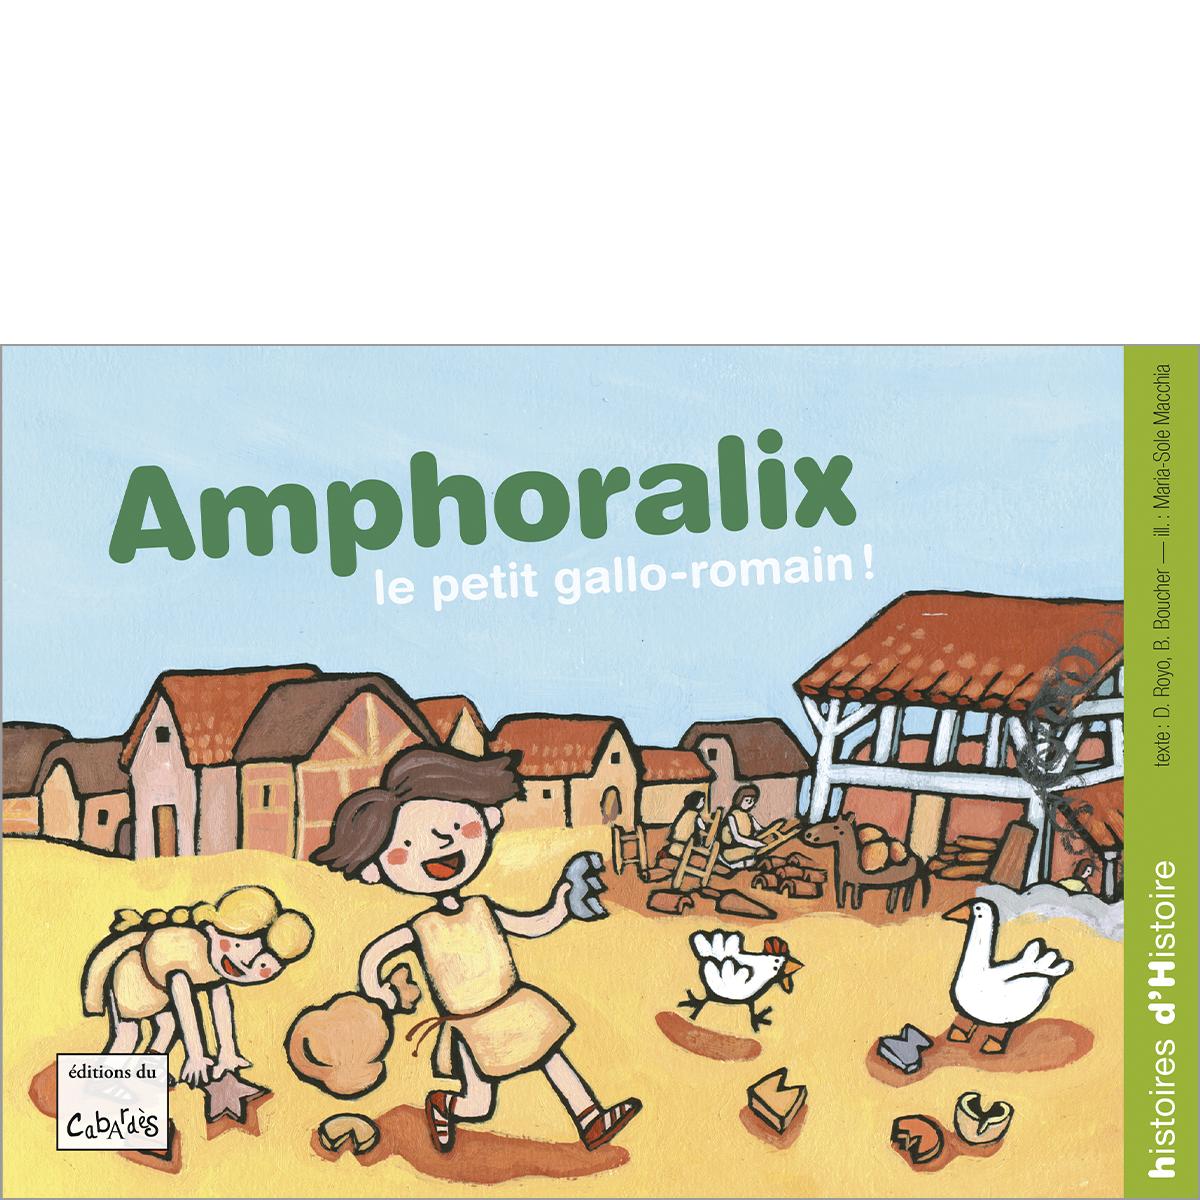 Amphoralix